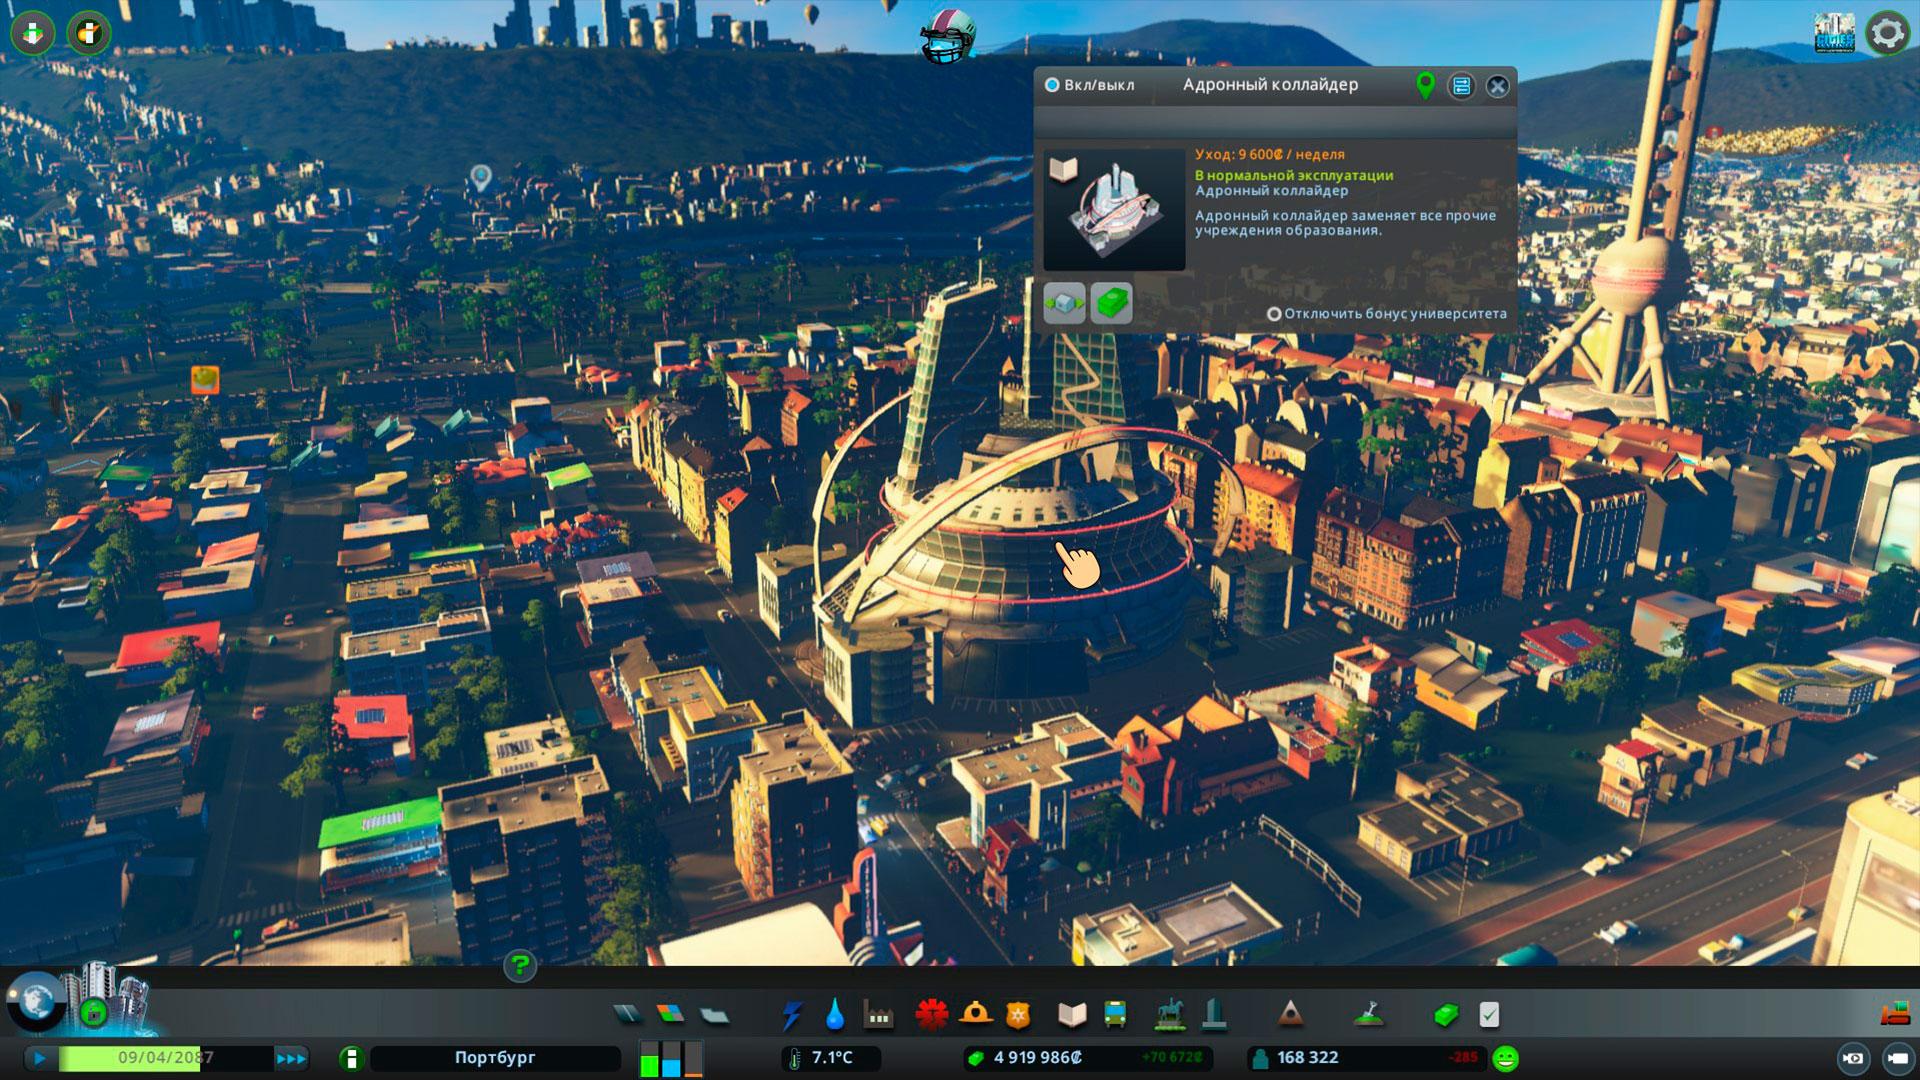 Андронный коллайдер cities skylines